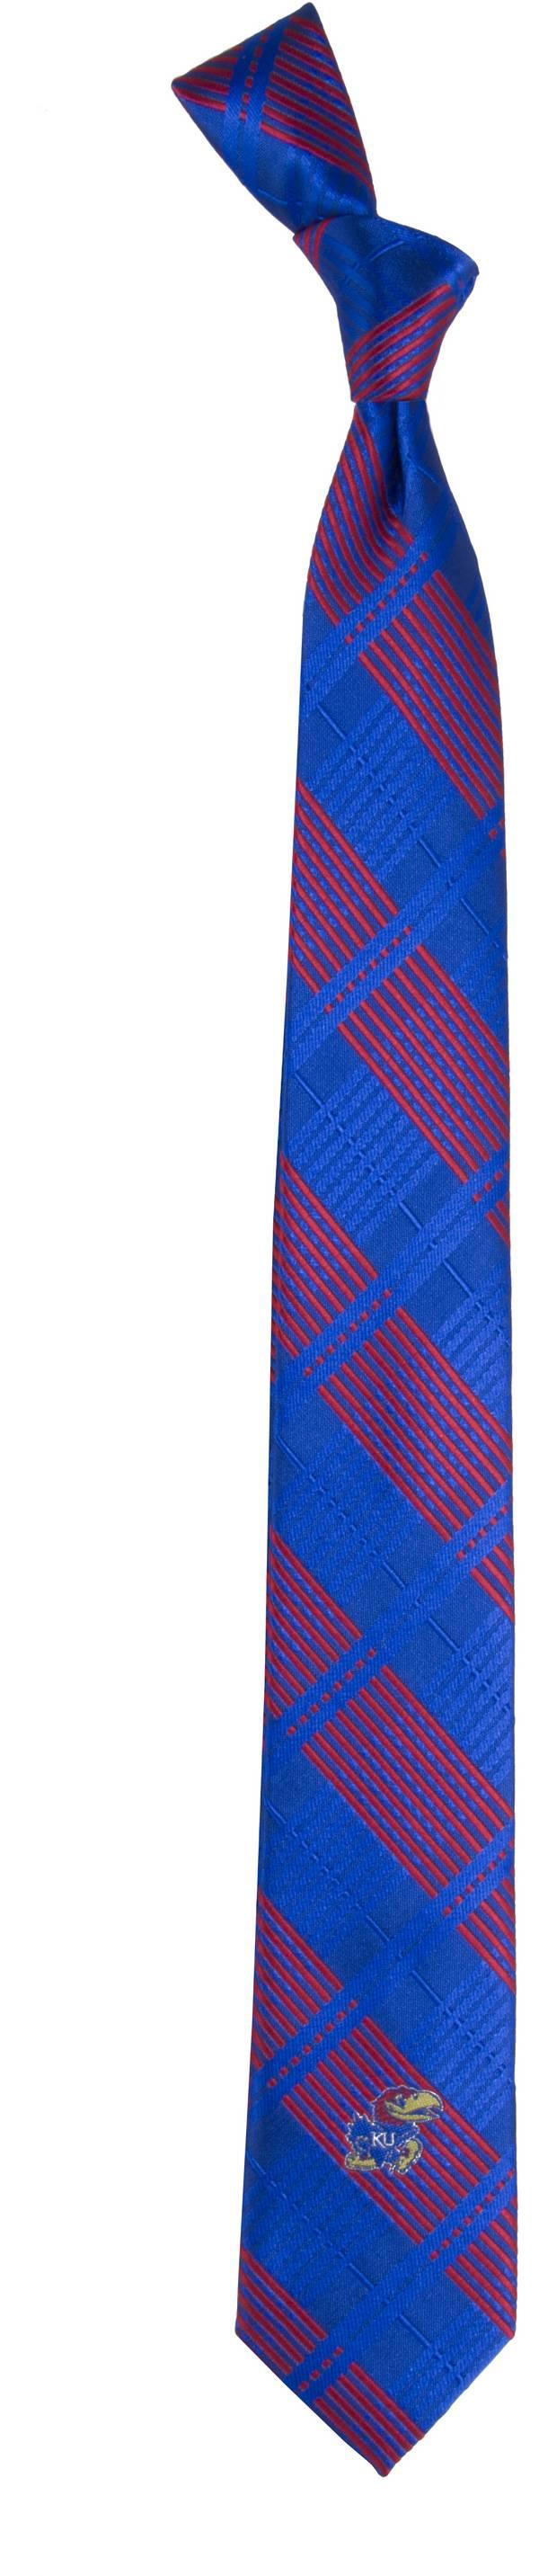 Eagles Wings Kansas Jayhawks Skinny Plaid Necktie product image